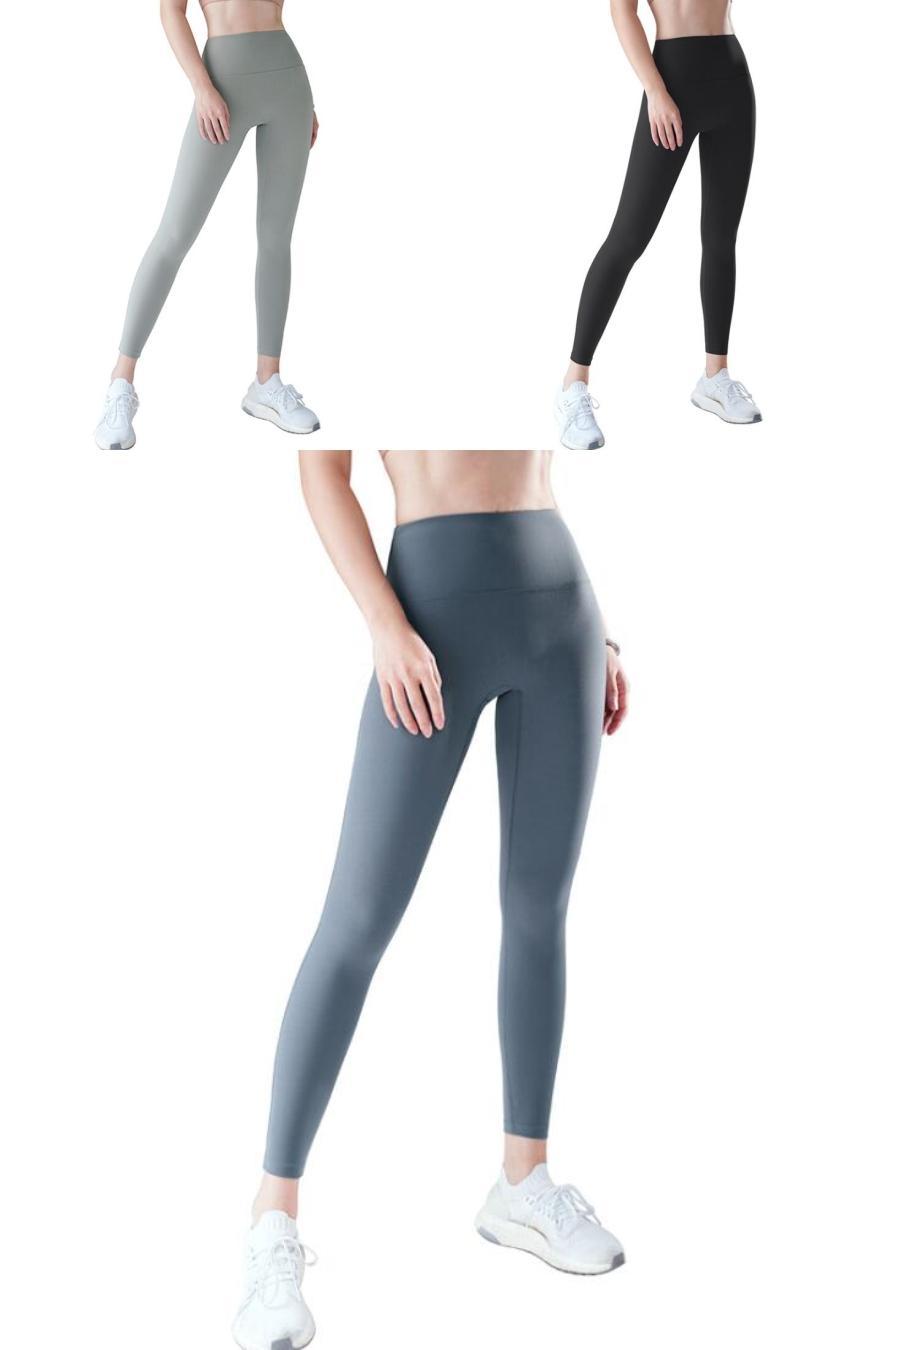 Femmes Impression florale Pantalon large jambe mi taille Yoga avec cordon de serrage en vrac Cadrage femme Pantalon Casual femmes Pantalons # 175